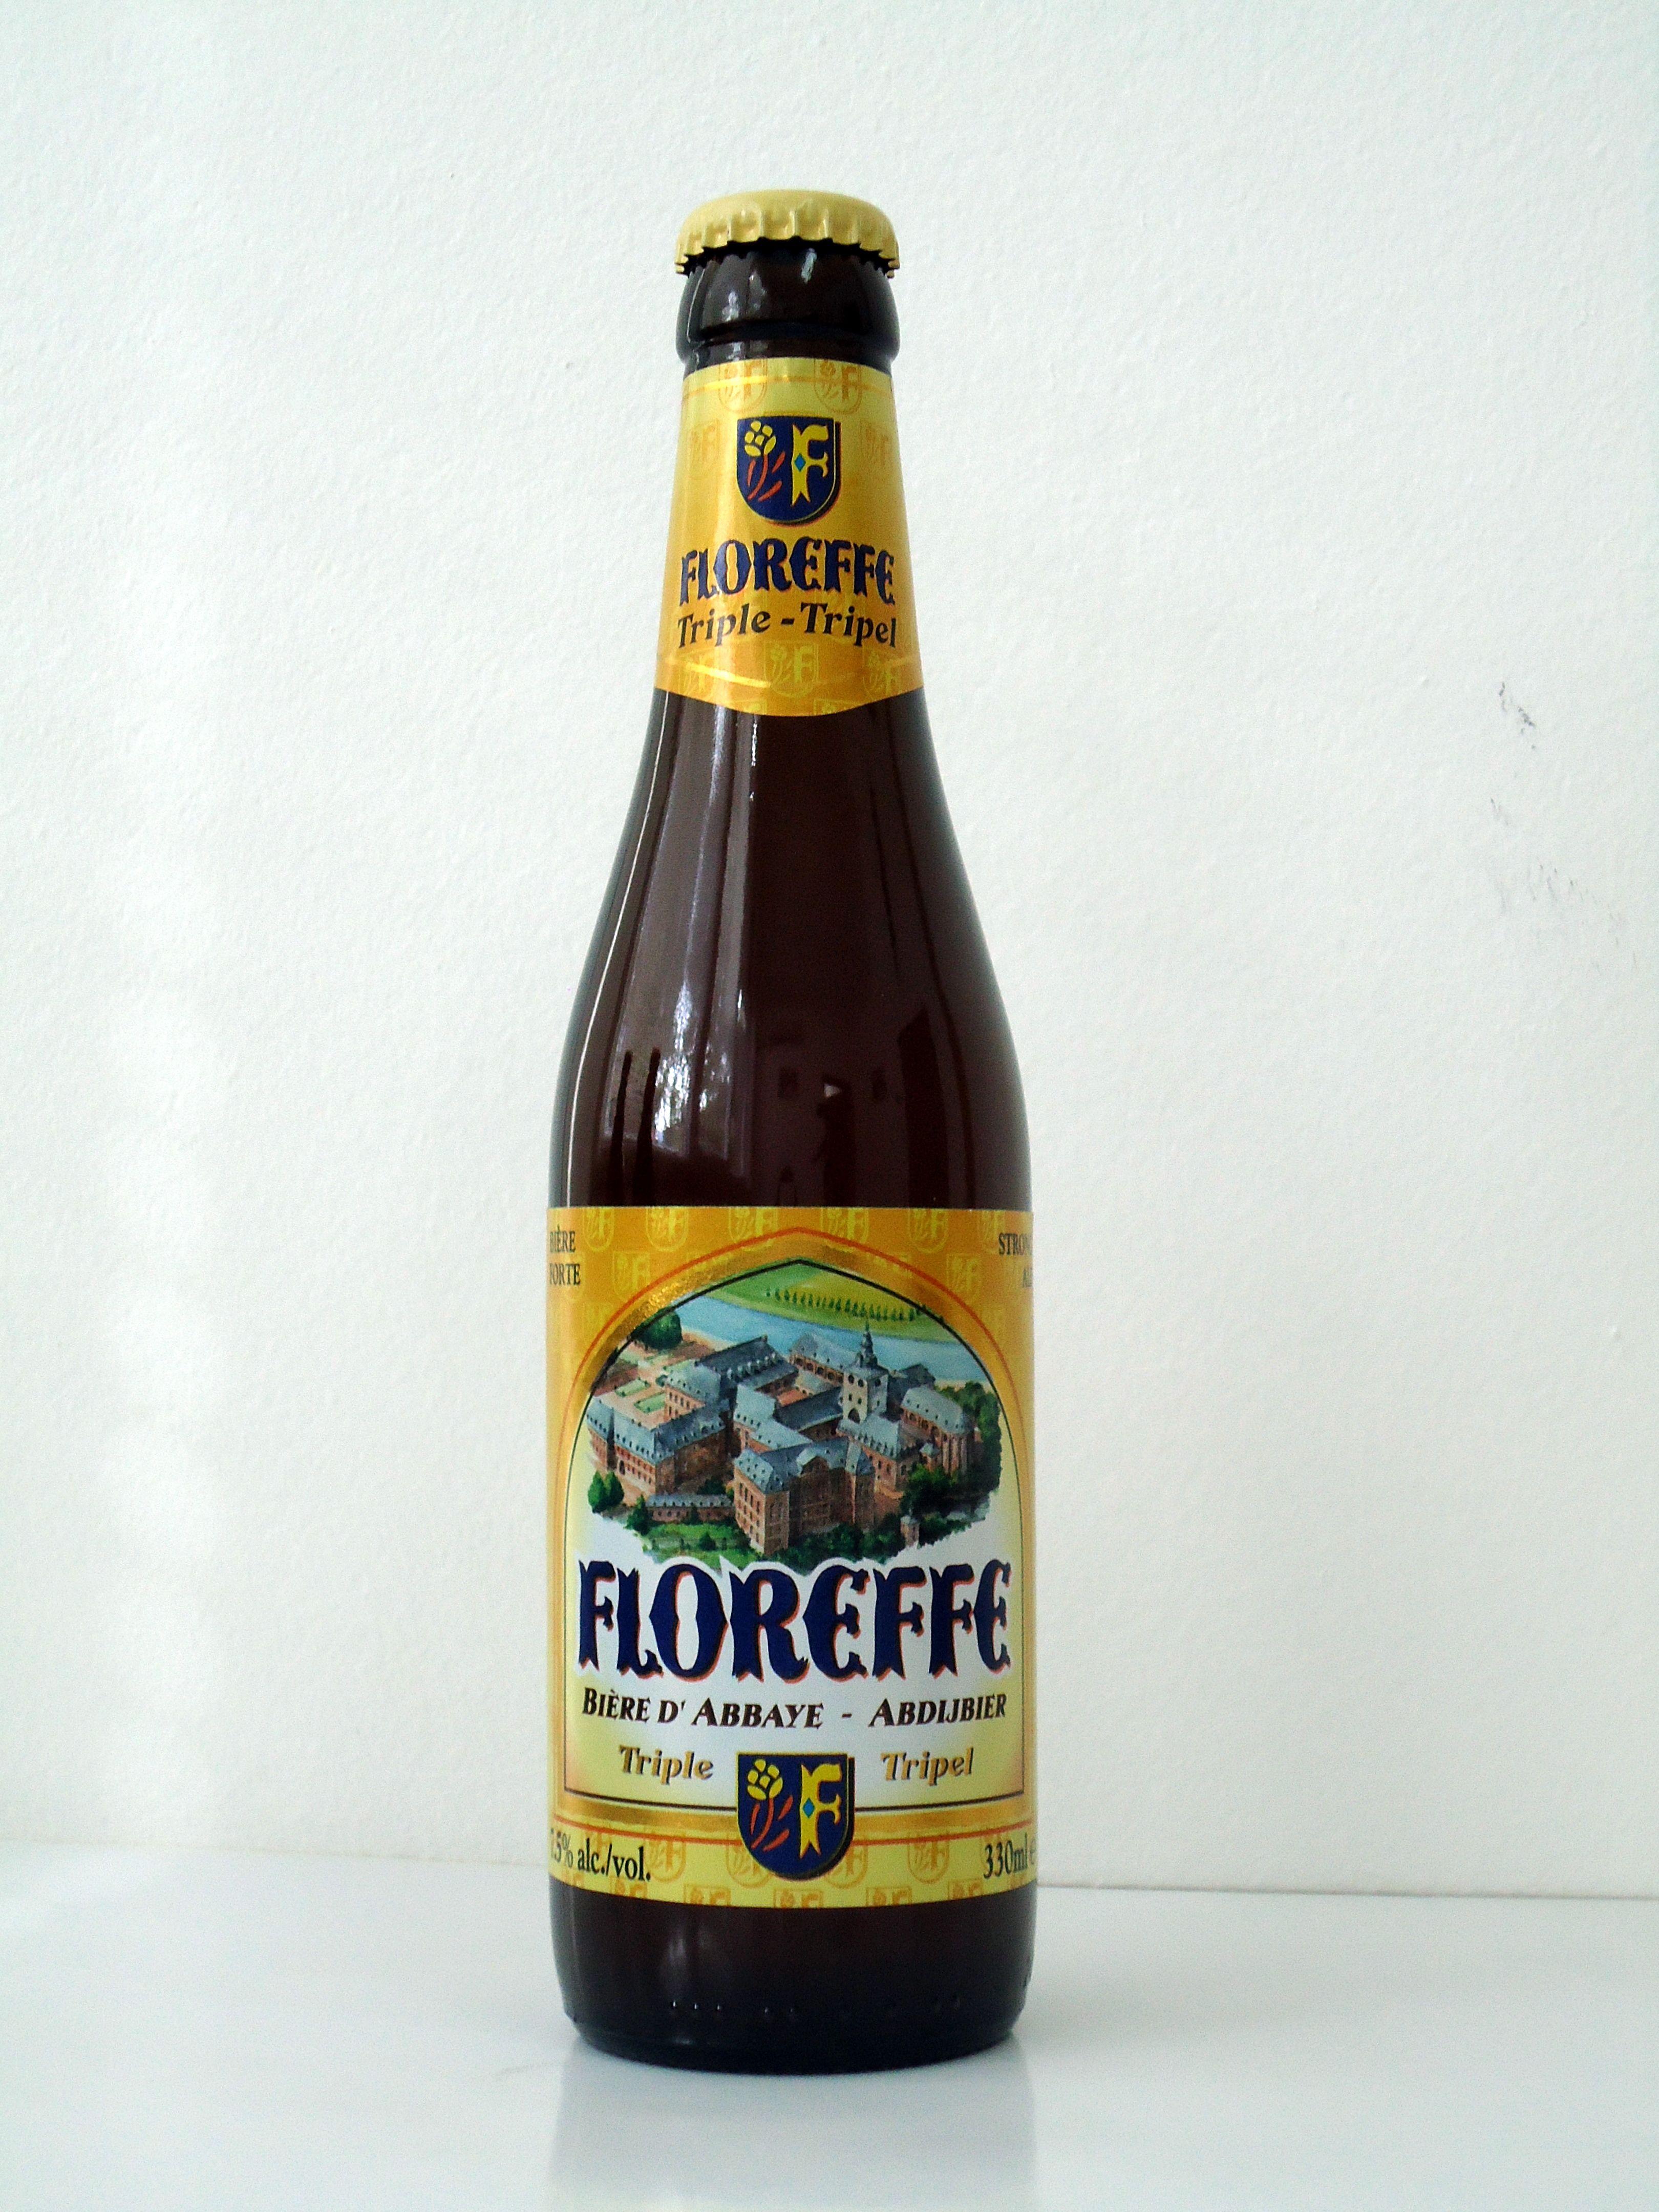 Floreffe Tripel 3/5